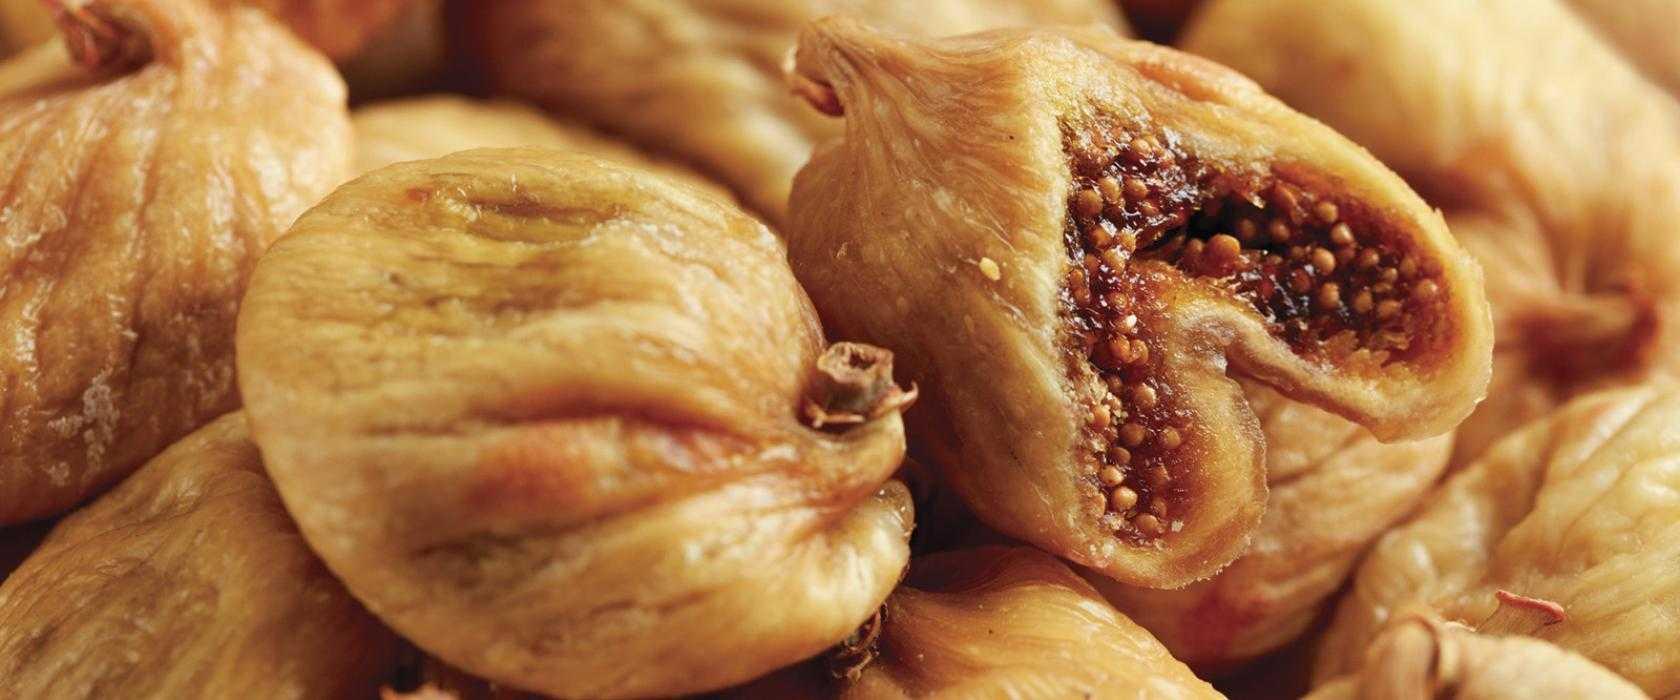 Инжир сушеный, полезные свойства и противопоказания. Правила выбора готового продукта, особенности сушки в домашних условиях. Рецепты использования инжира, правила хранения.